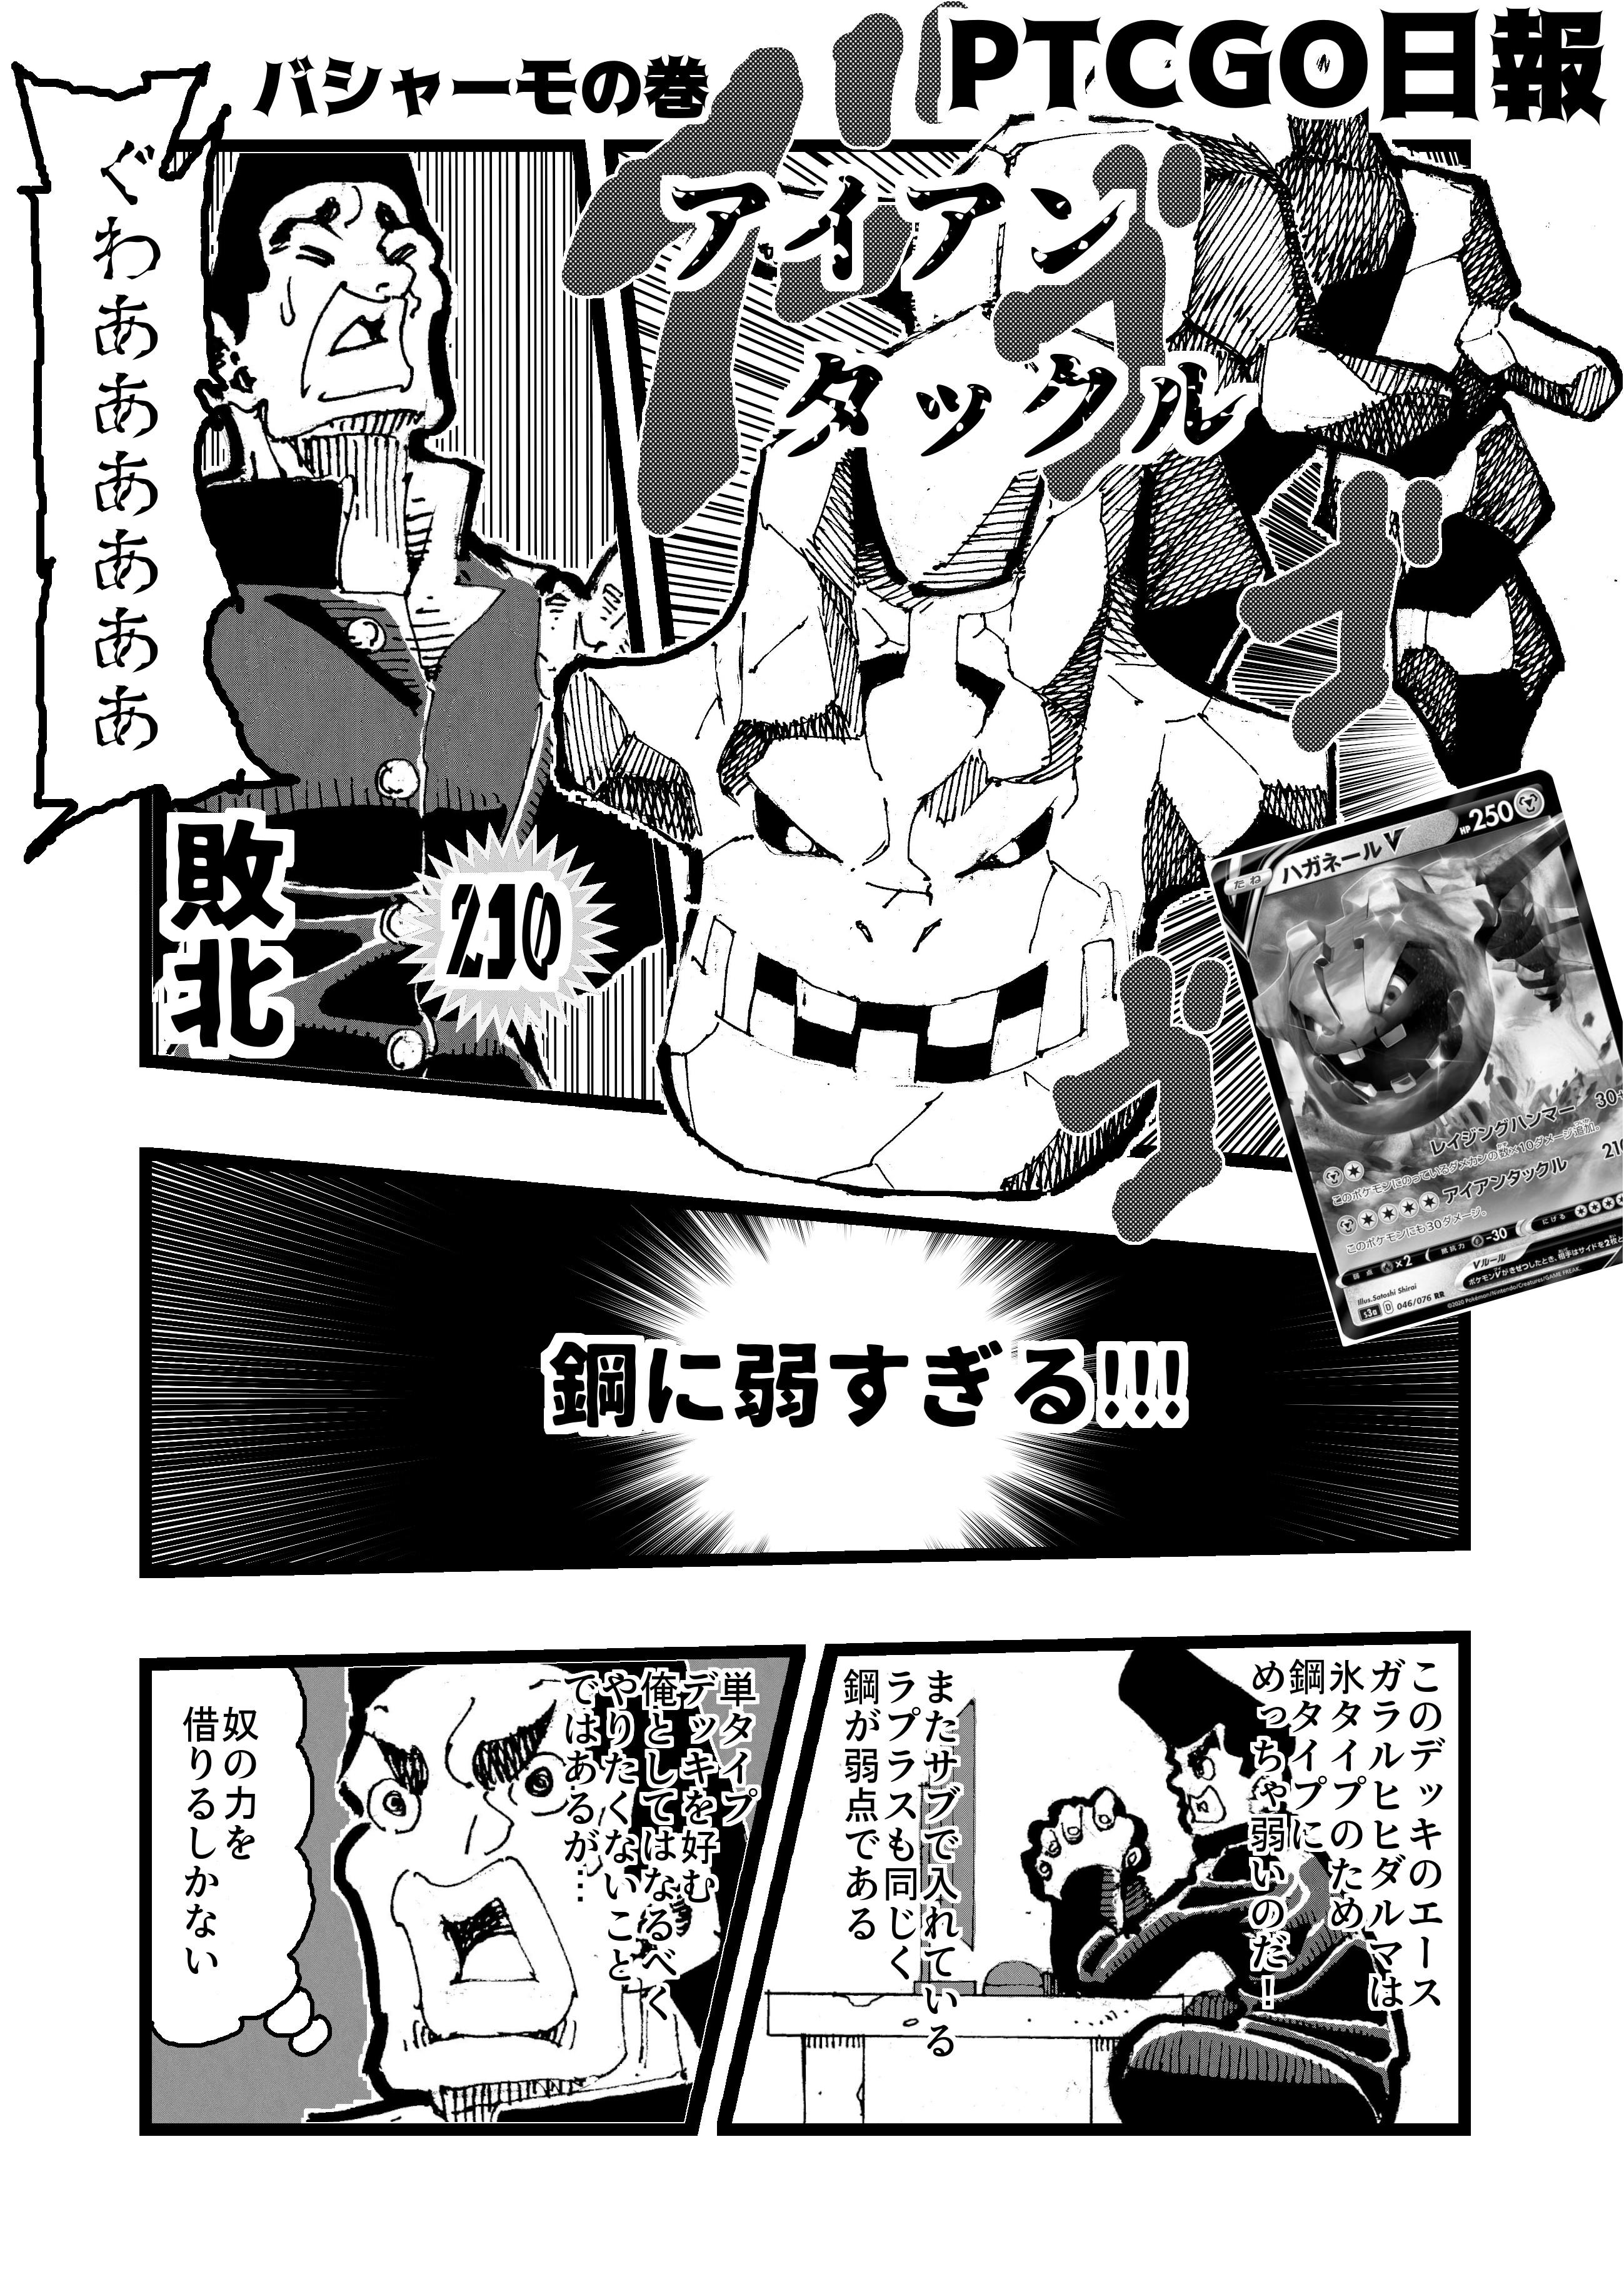 PTCGO日報2 バシャーモの巻